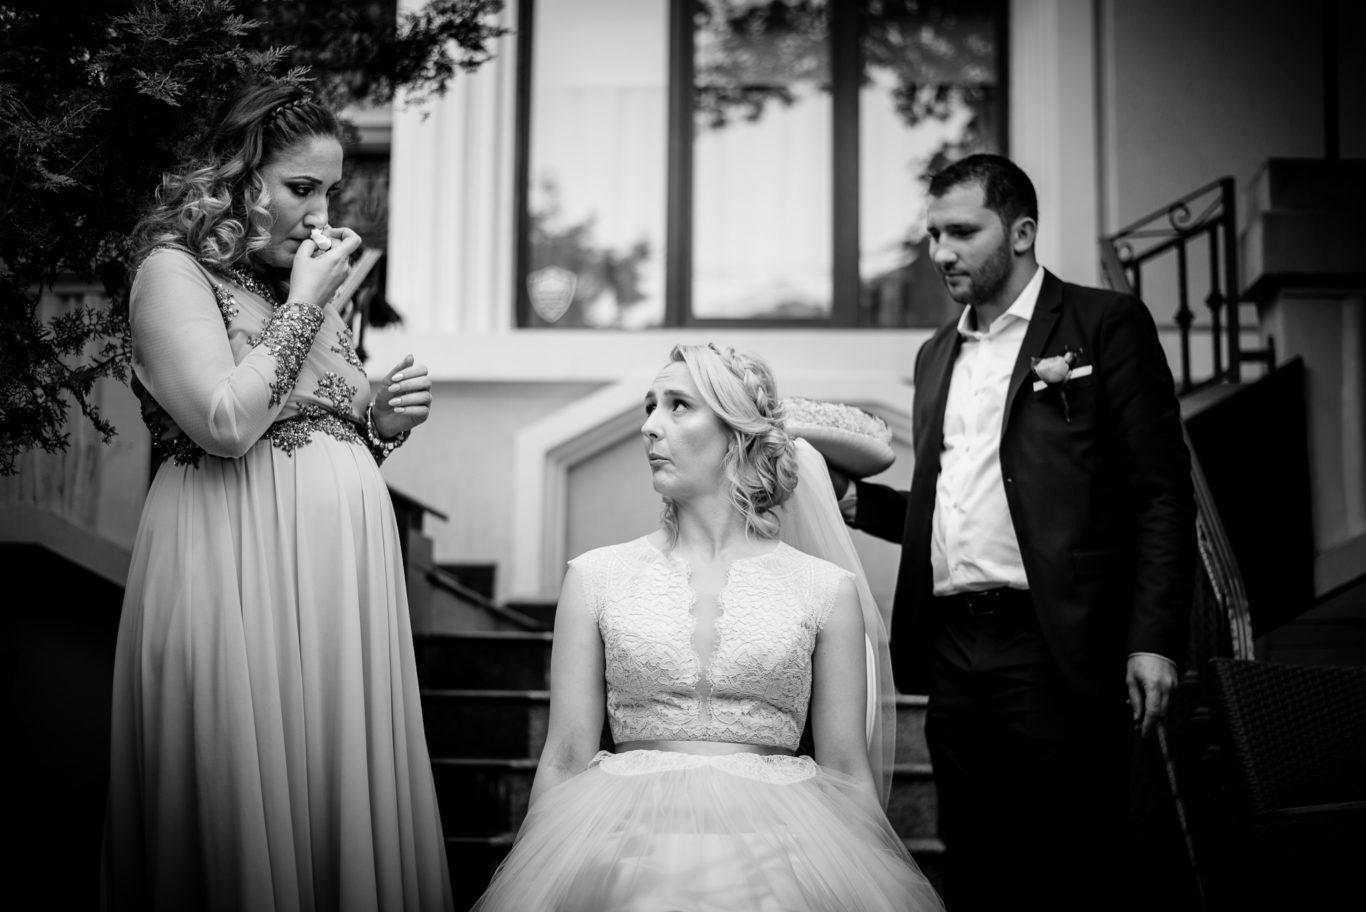 0320-Fotografie-nunta-Mirela-Iulian-fotograf-Ciprian-Dumitrescu-DSC_6693